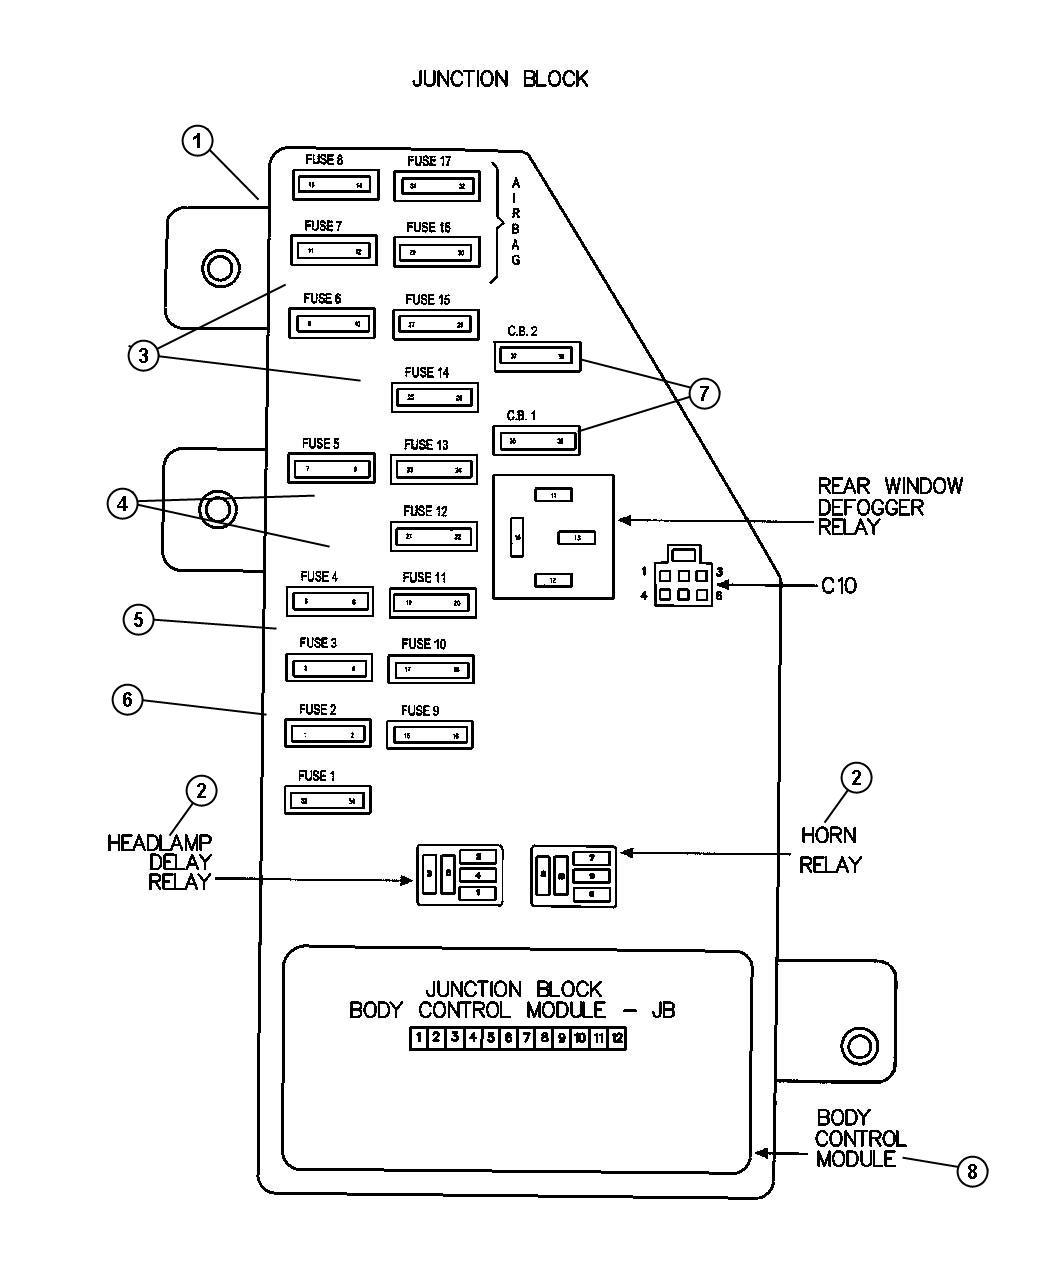 chrysler sebring sedan 2 7l v6 dohc 24 valve mpi  4-spd  automatic junction block